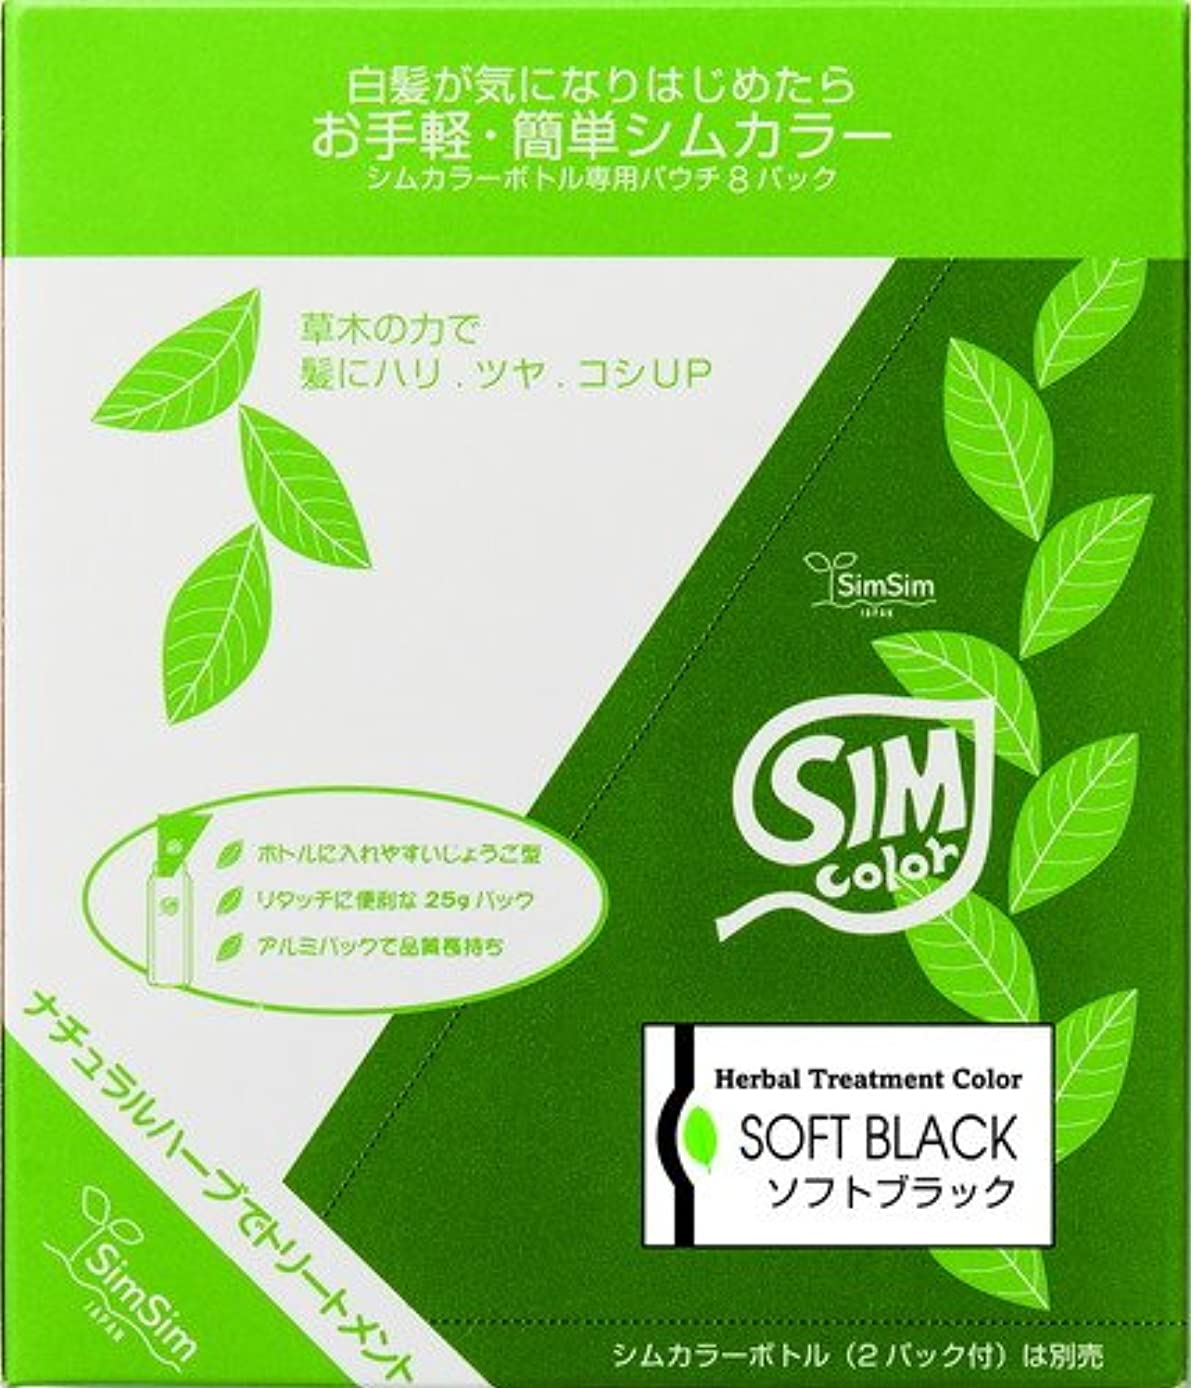 逆説アーネストシャクルトン良心的SimSim(シムシム)お手軽簡単シムカラーエクストラ(EX)25g 8袋 ソフトブラック